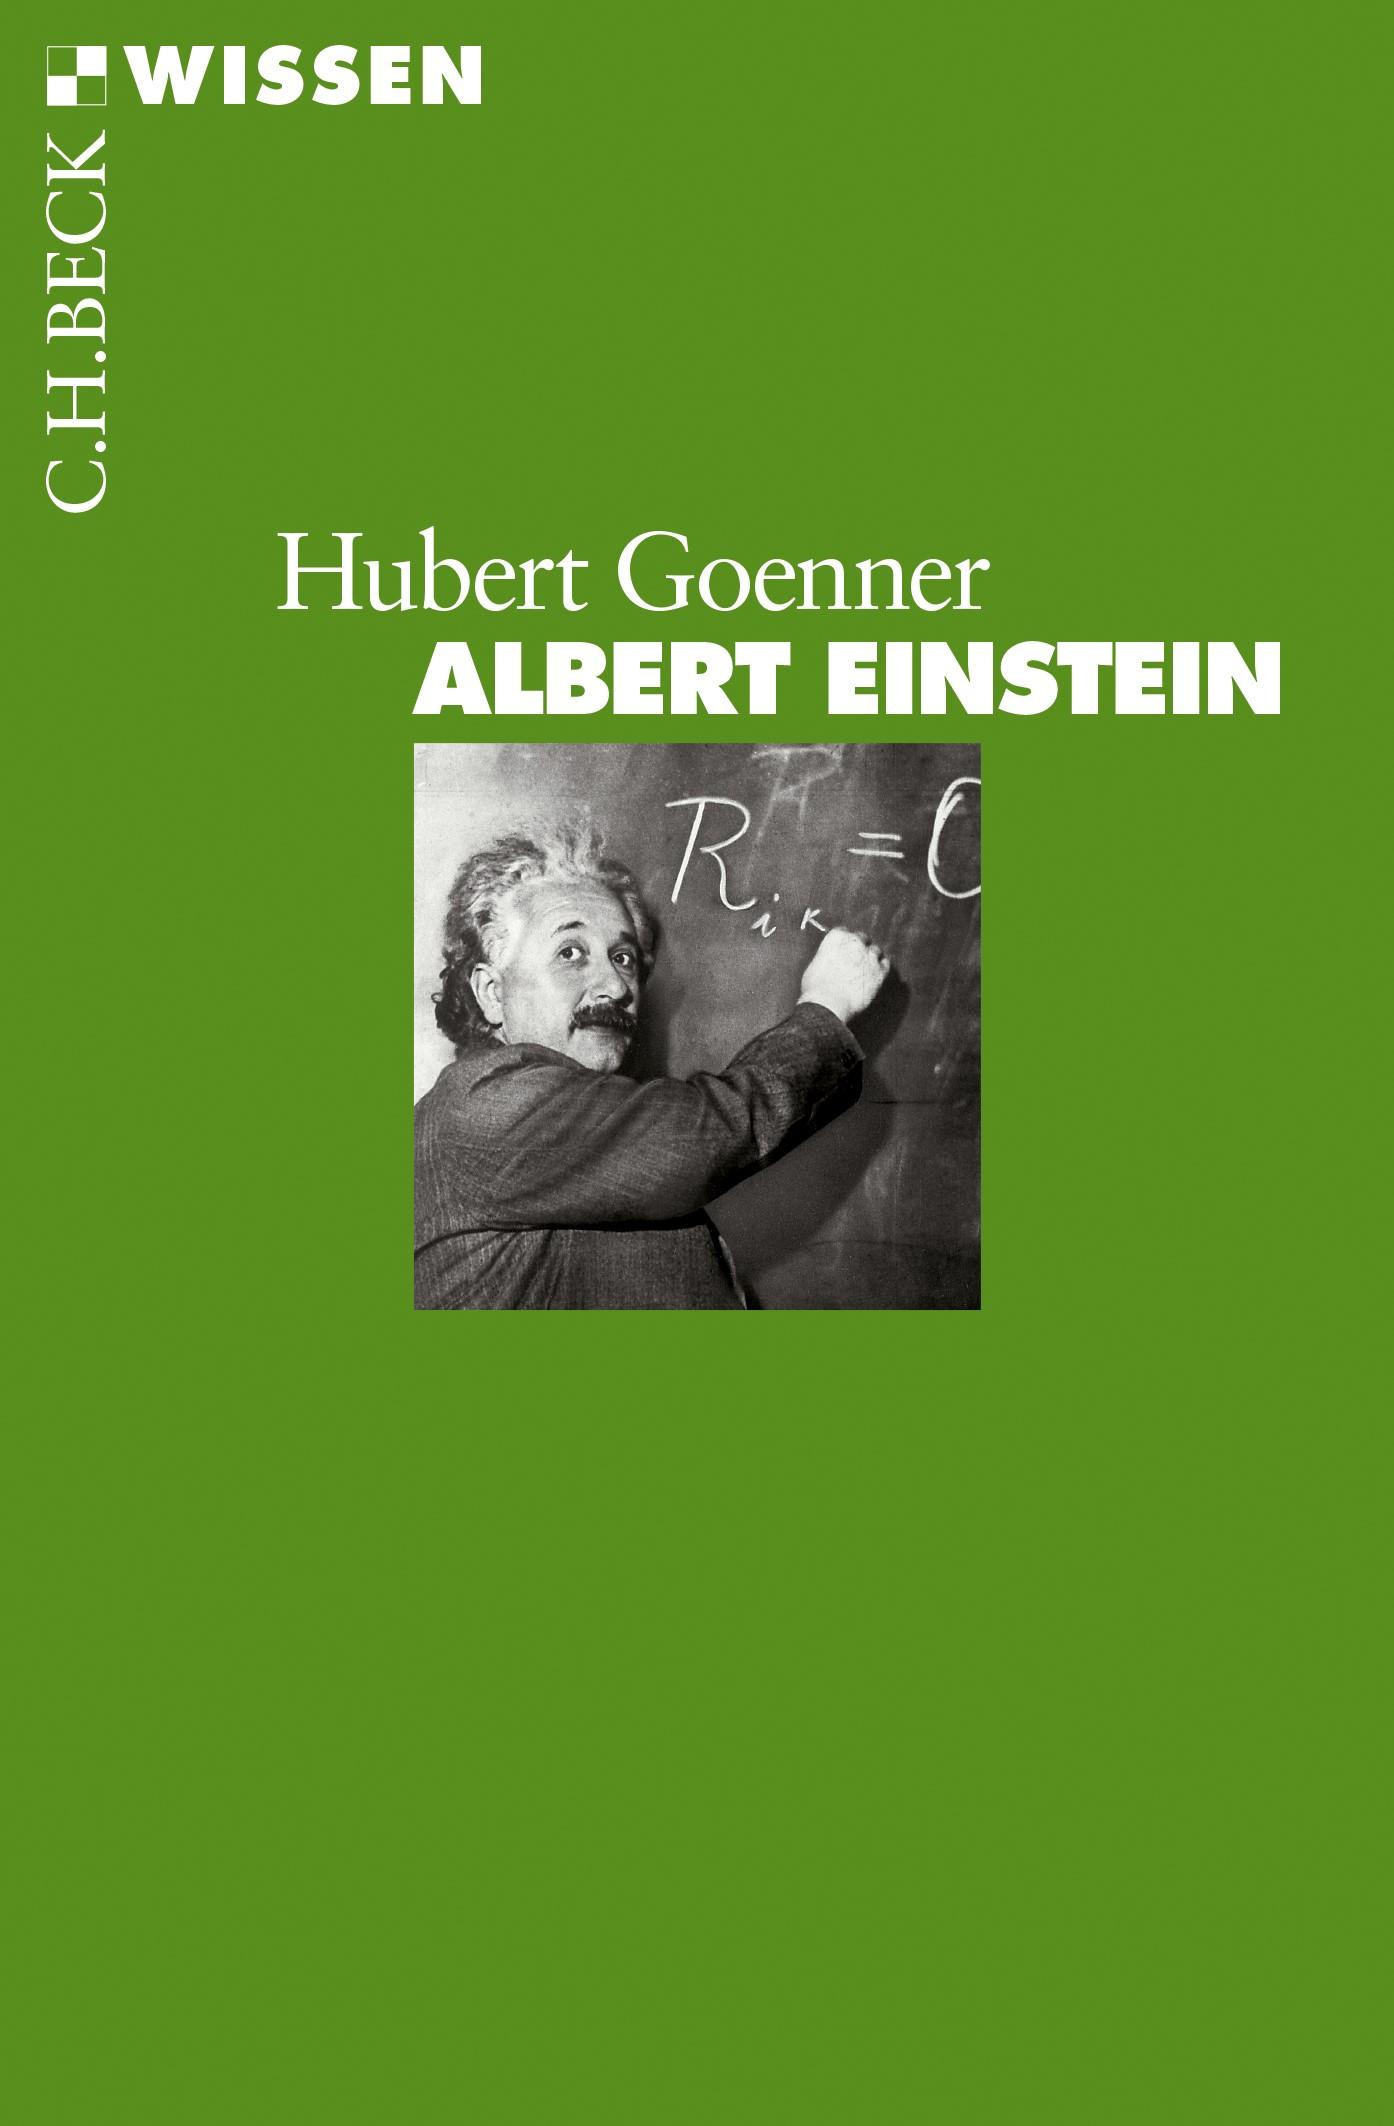 Cover des Buches 'Albert Einstein'